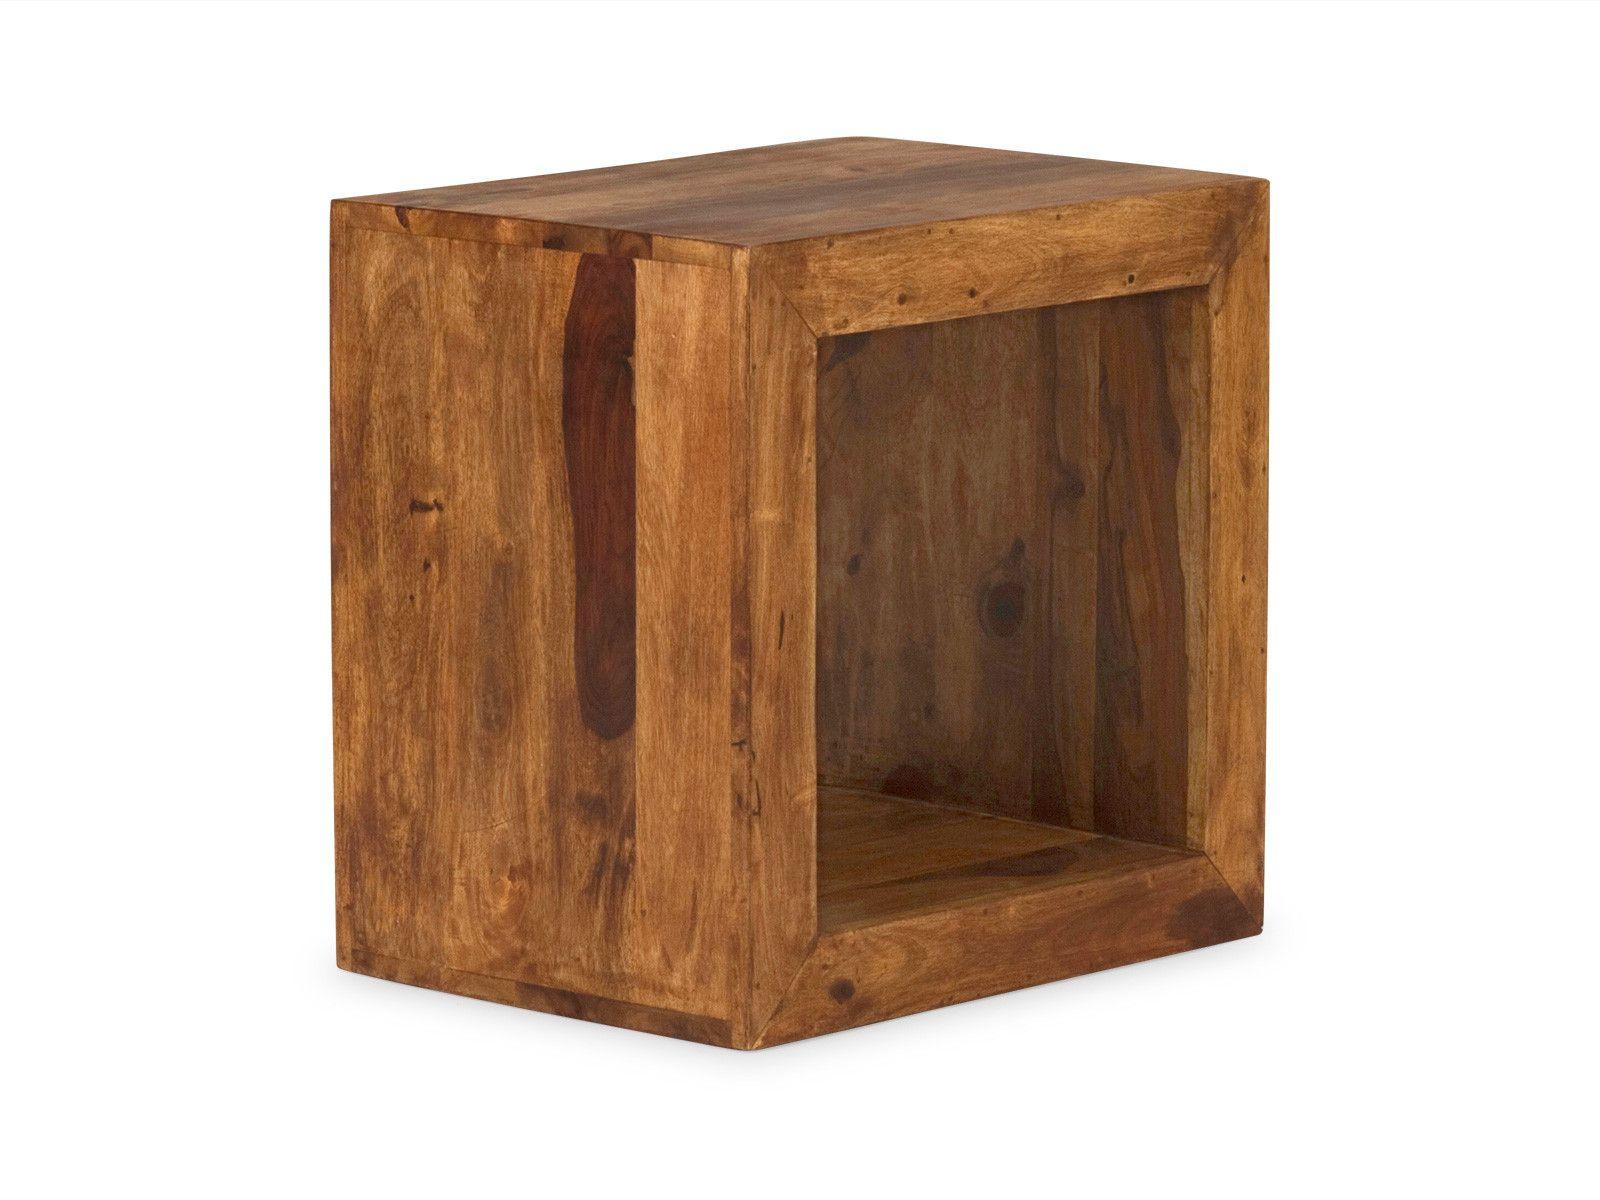 Full Size of Wrfelregal Cube I Massivum Regale Keller Bad Wandregal Regal Schlafzimmer Kanban Aus Obstkisten Kleiderschrank Mit Küche Landhaus Stecksystem Schreibtisch Regal Regal Würfel